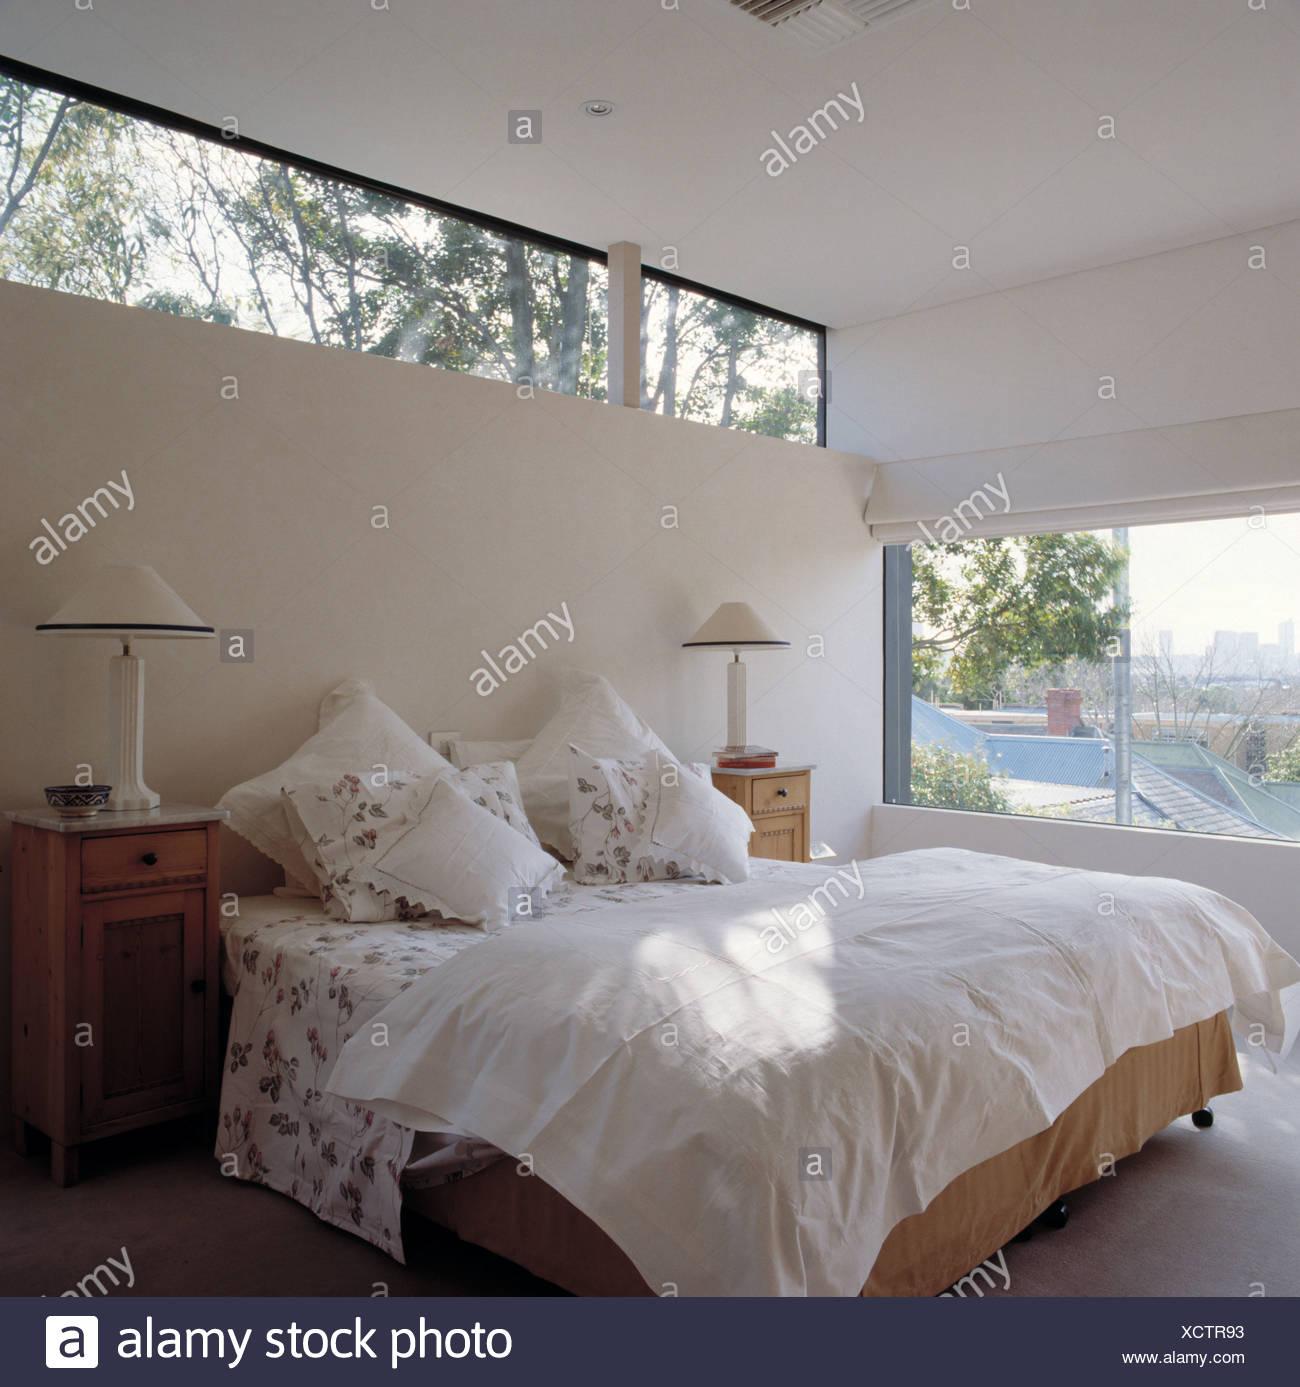 Schmale Fenster Uber Dem Bett Mit Weissen Kissen Und Quilt In Hellen Und Luftigen Moderne Schlafzimmer Mit Weissen Lampen Auf Nachttischen Stockfotografie Alamy